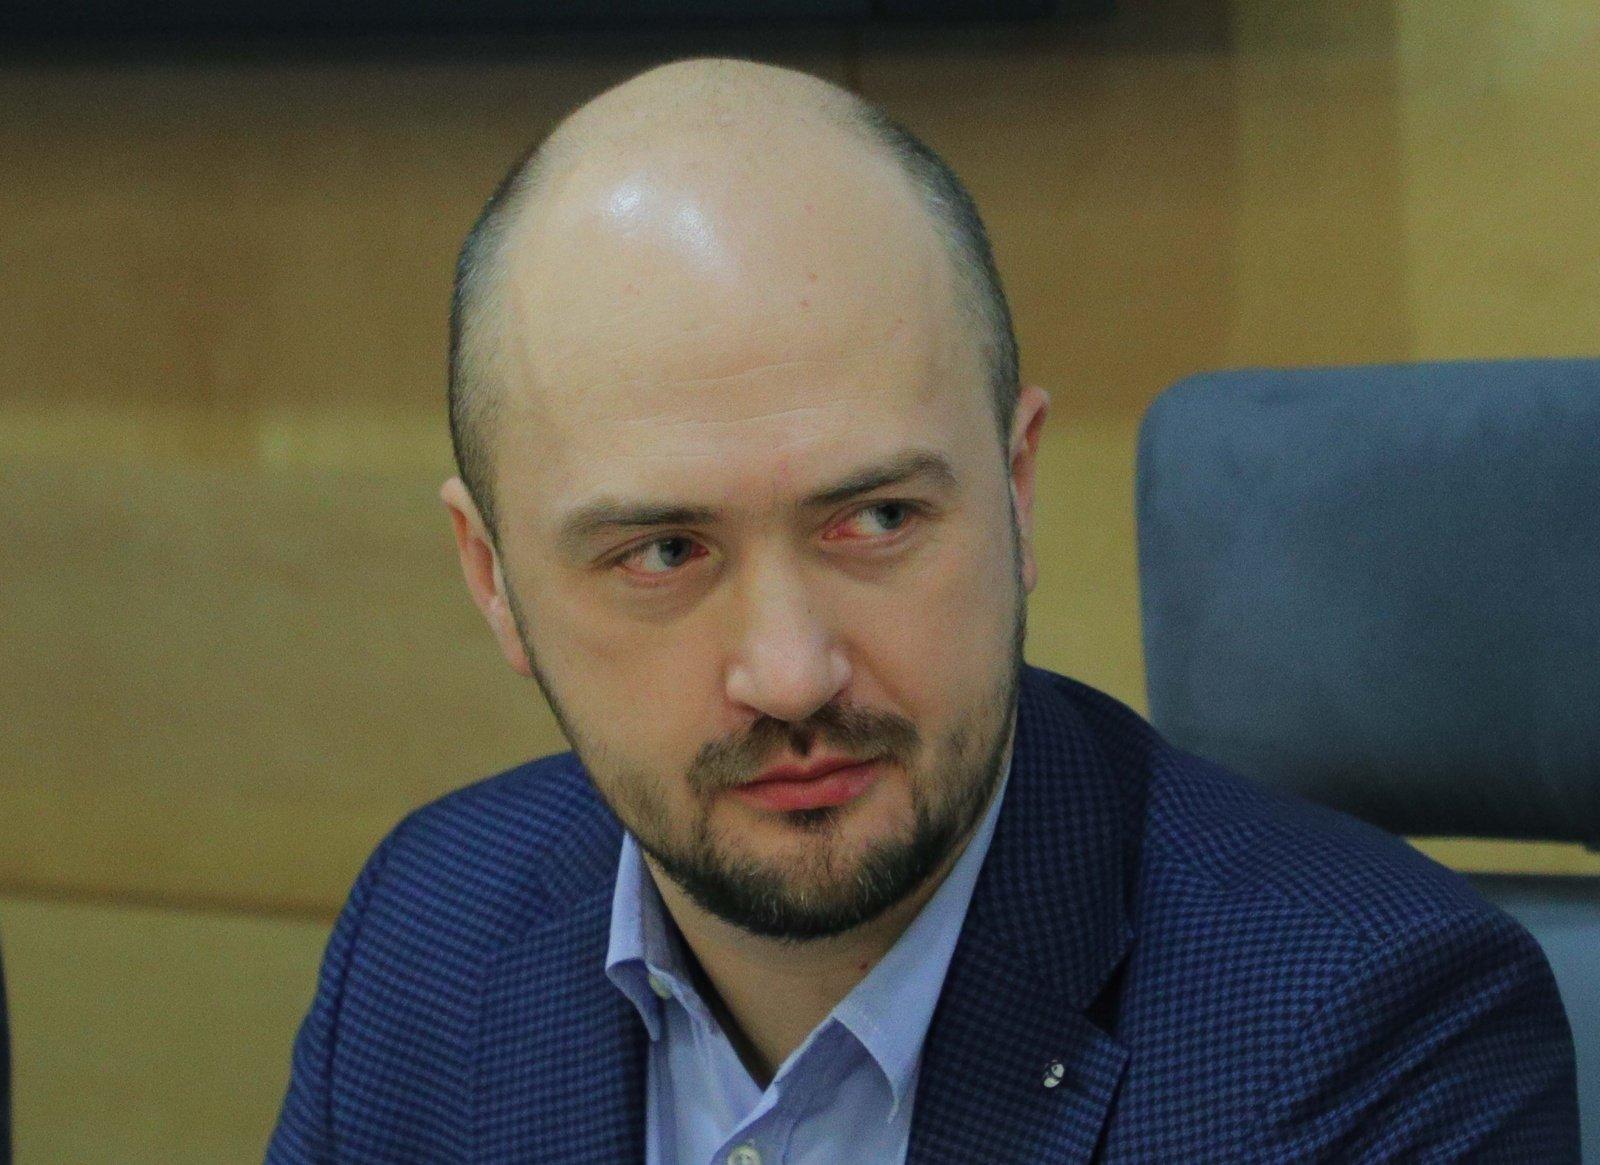 Kyšininkavimas sveikatos apsaugoje Lietuvoje – vienas aukščiausių ES